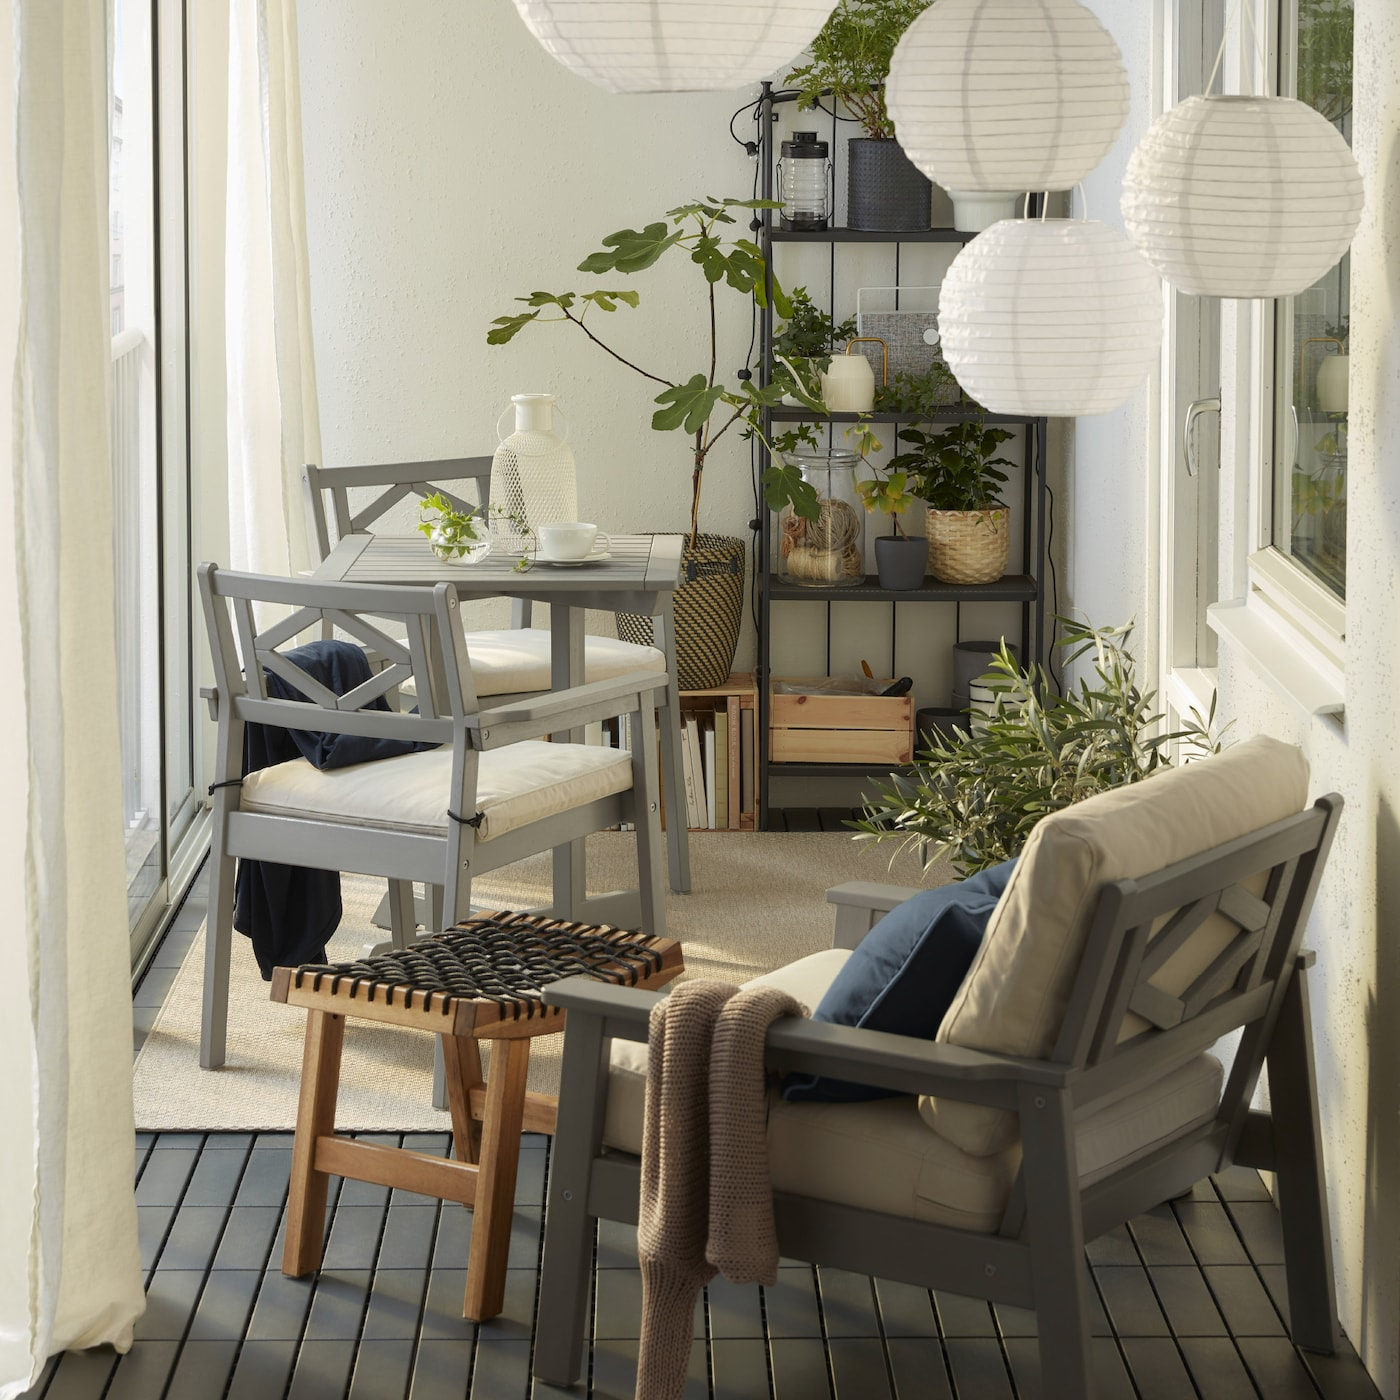 Zabudowany balkon z szarymi meblami BONDHOLMEN, okrągłymi lampami wiszącymi, beżowym dywanem, białymi zasłonami i licznymi roślinami.